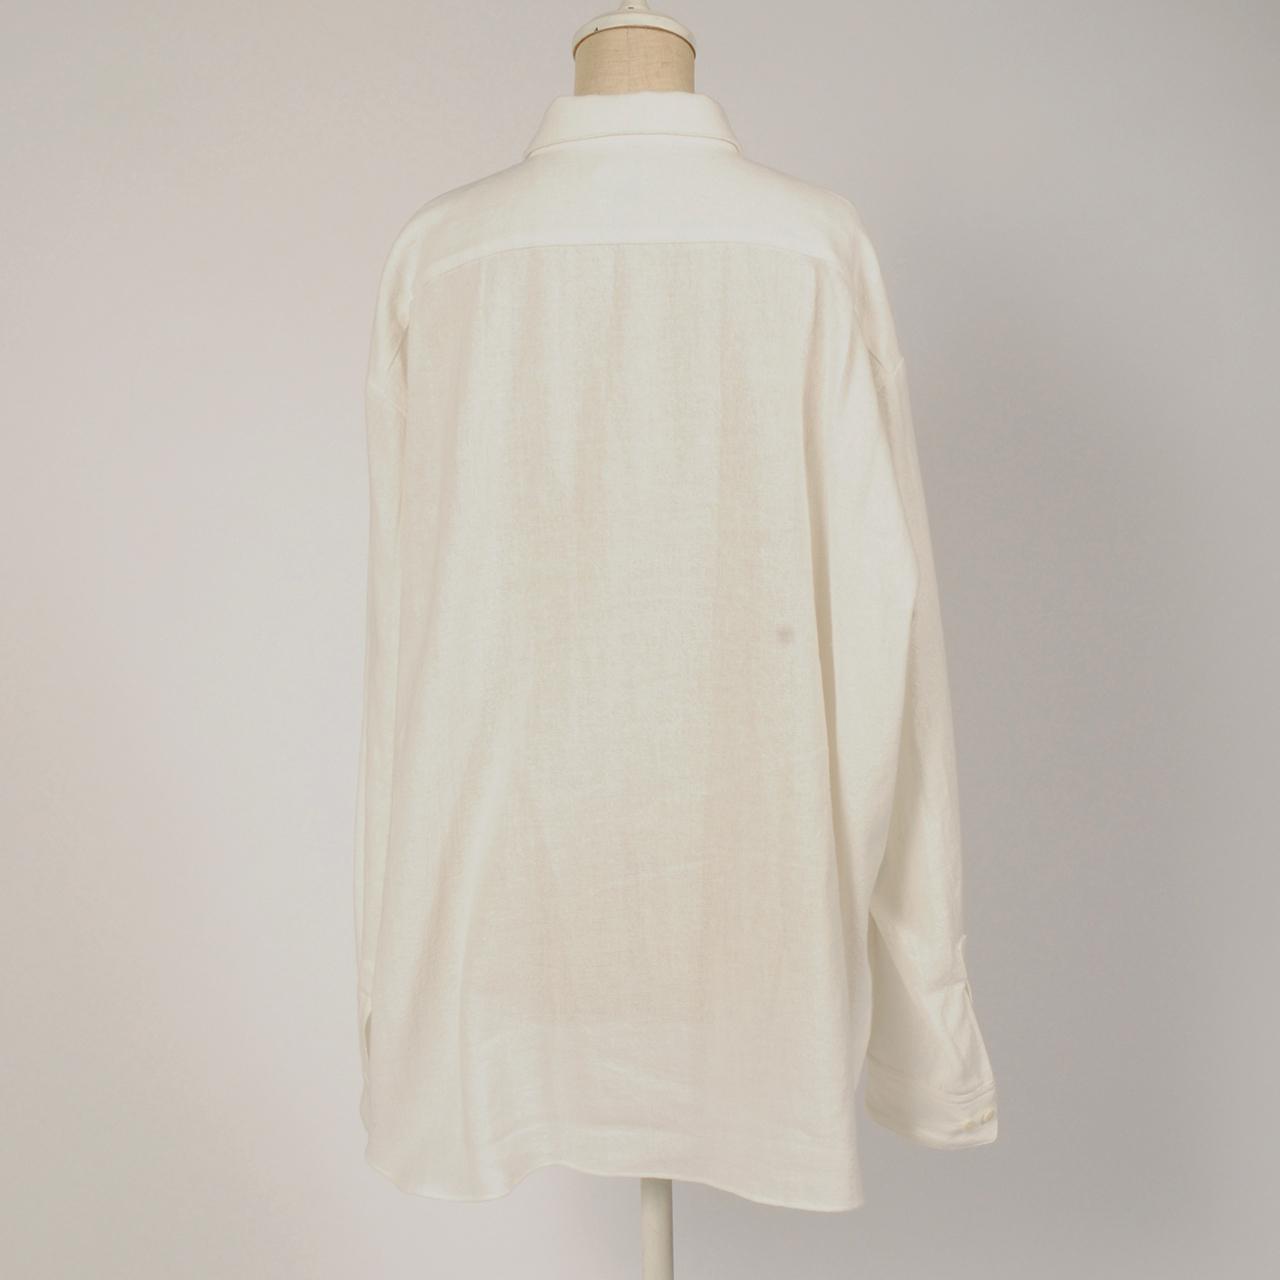 hs20SS-IR03 WIDE SHIRT -A (white)